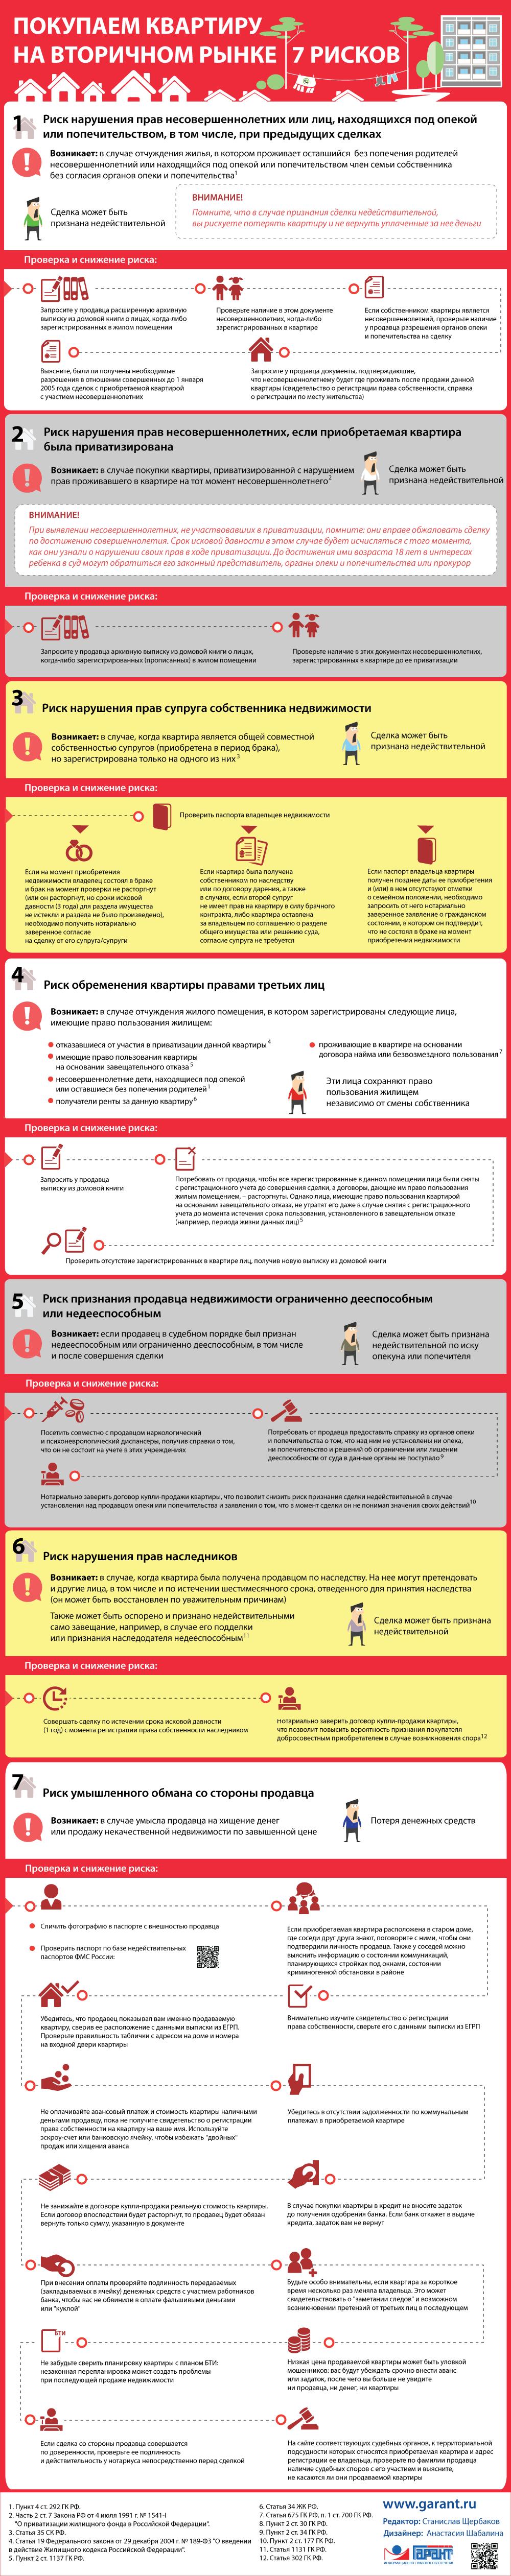 Изображение - Риски при покупке квартиры на вторичном рынке pokupaem-kvartiru-na-vtorichnom-rinke_7-riskov